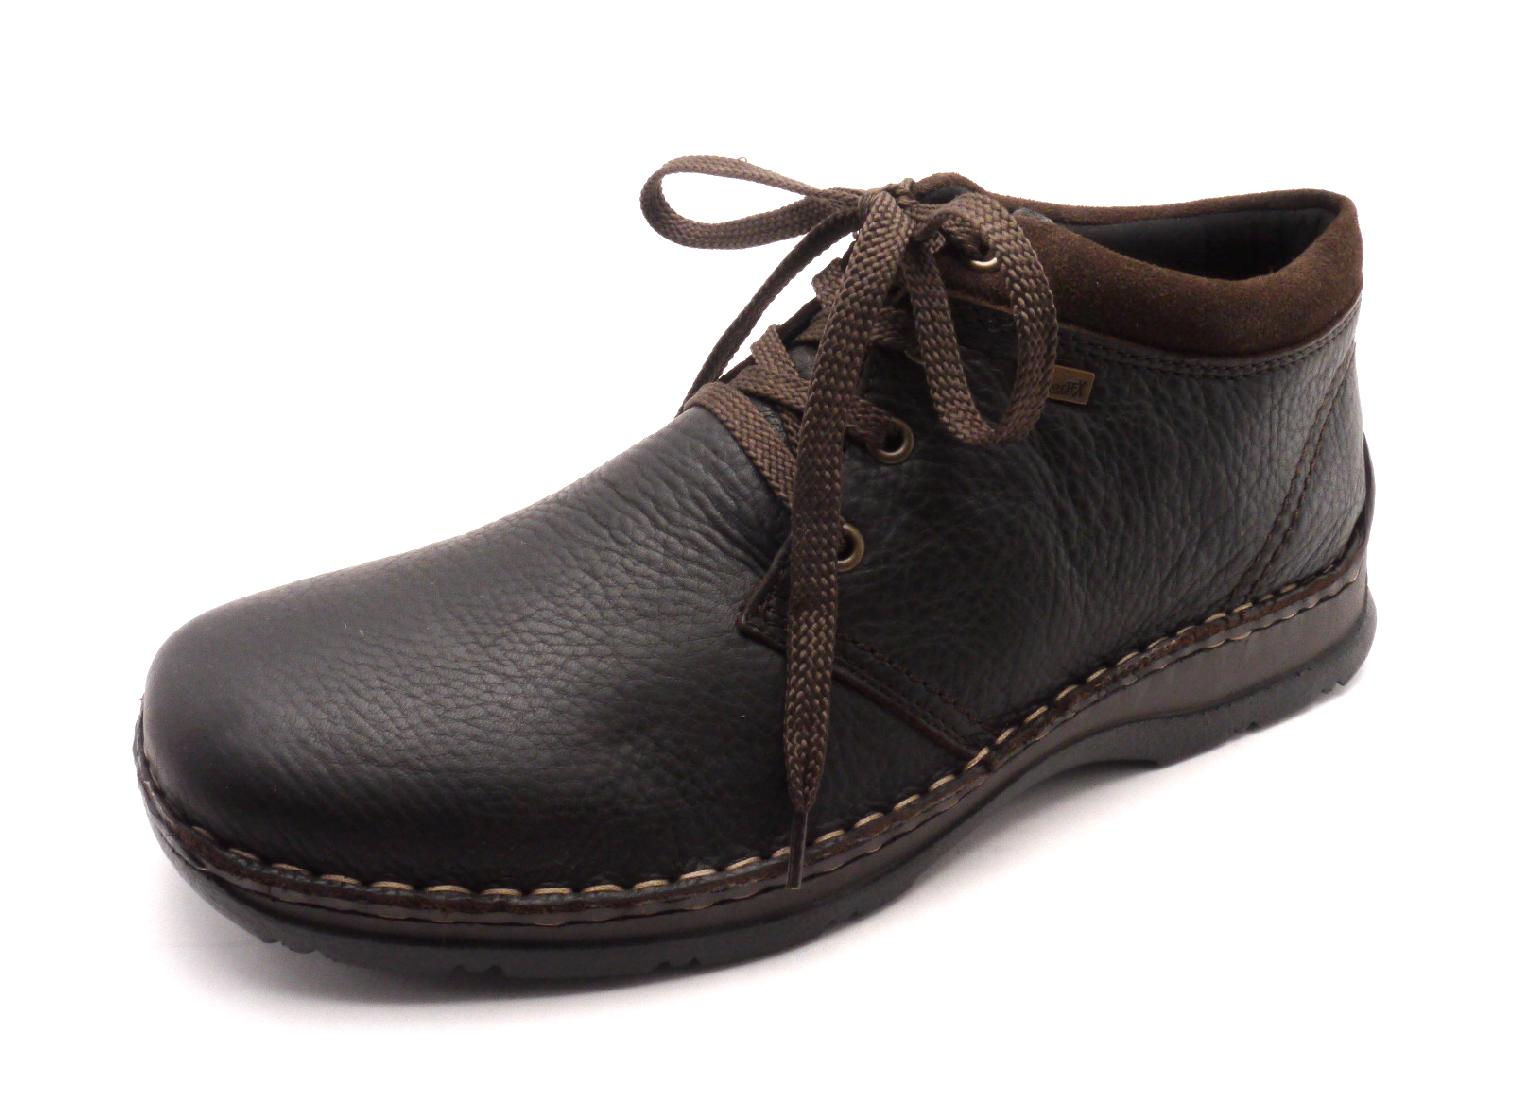 Rieker Pánská módní obuv s kožíškem 05346-25 Velikost: 40